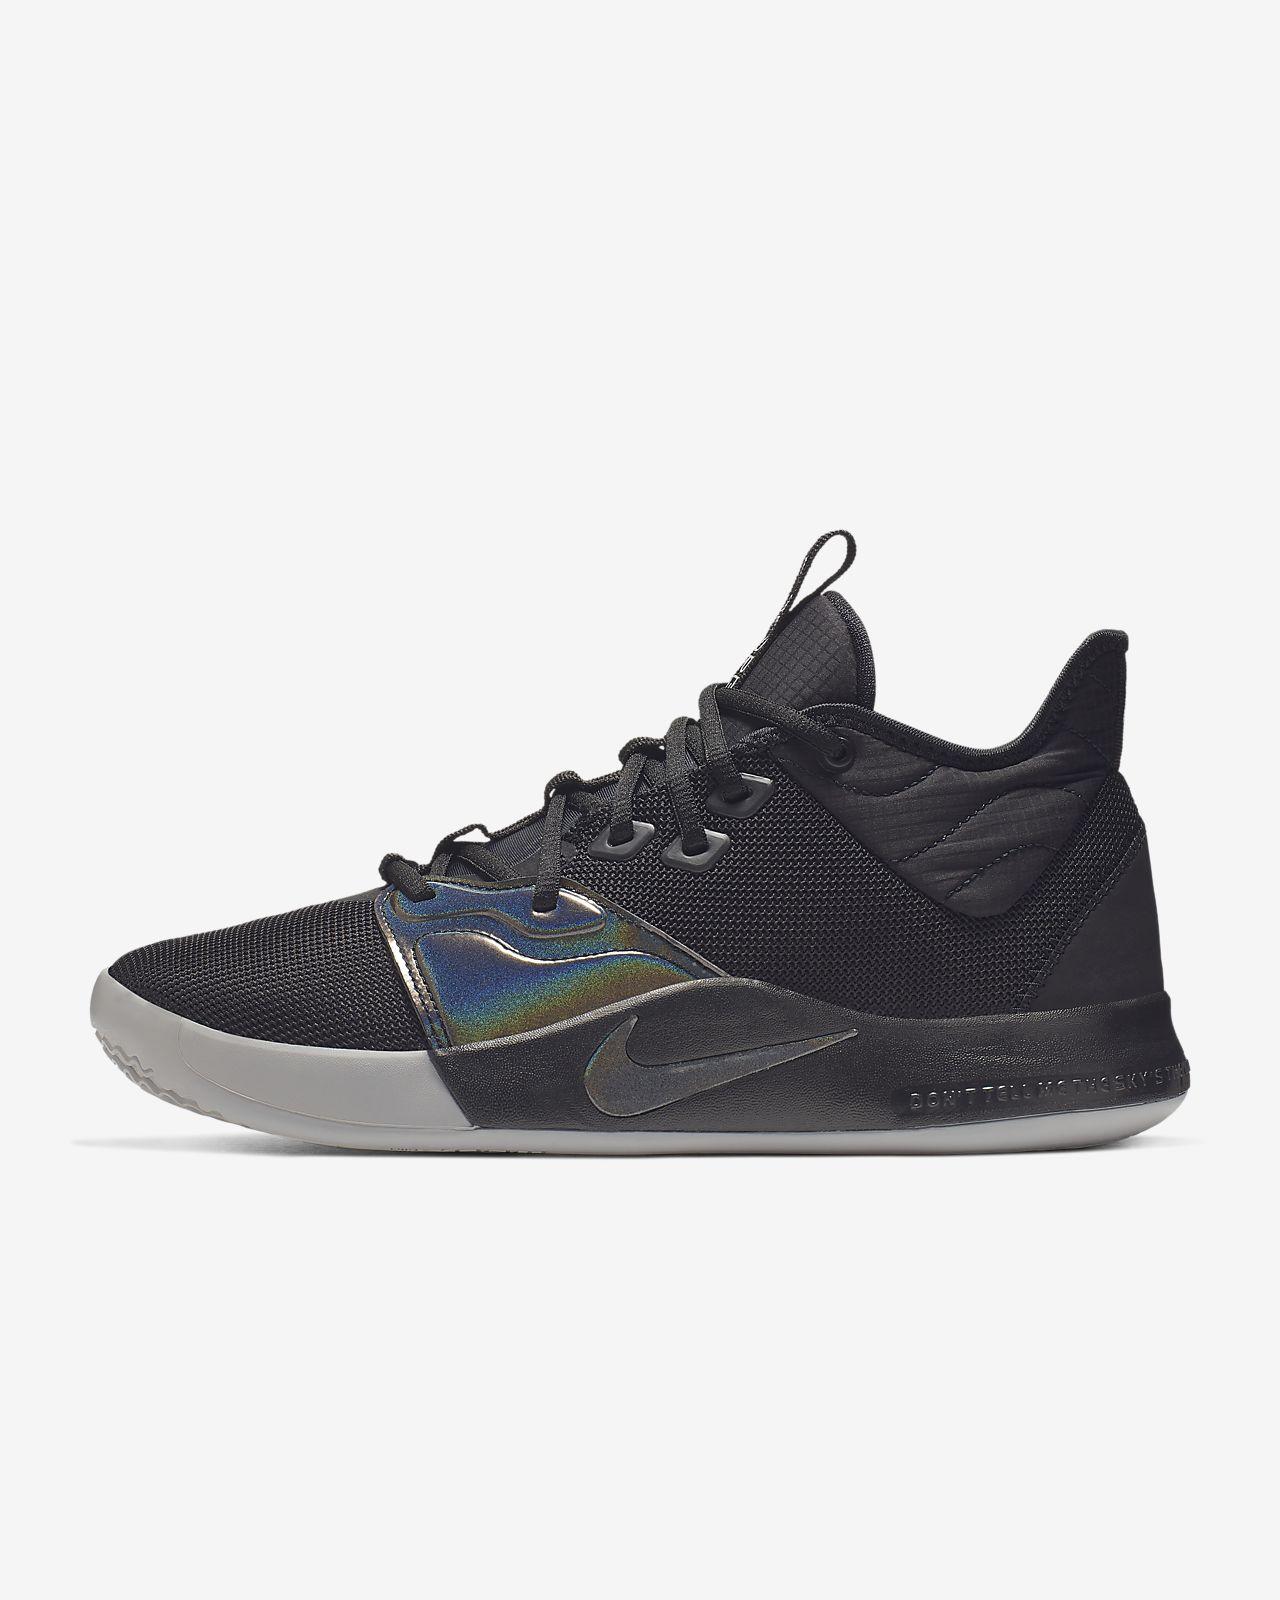 PG 3 EP男子篮球鞋